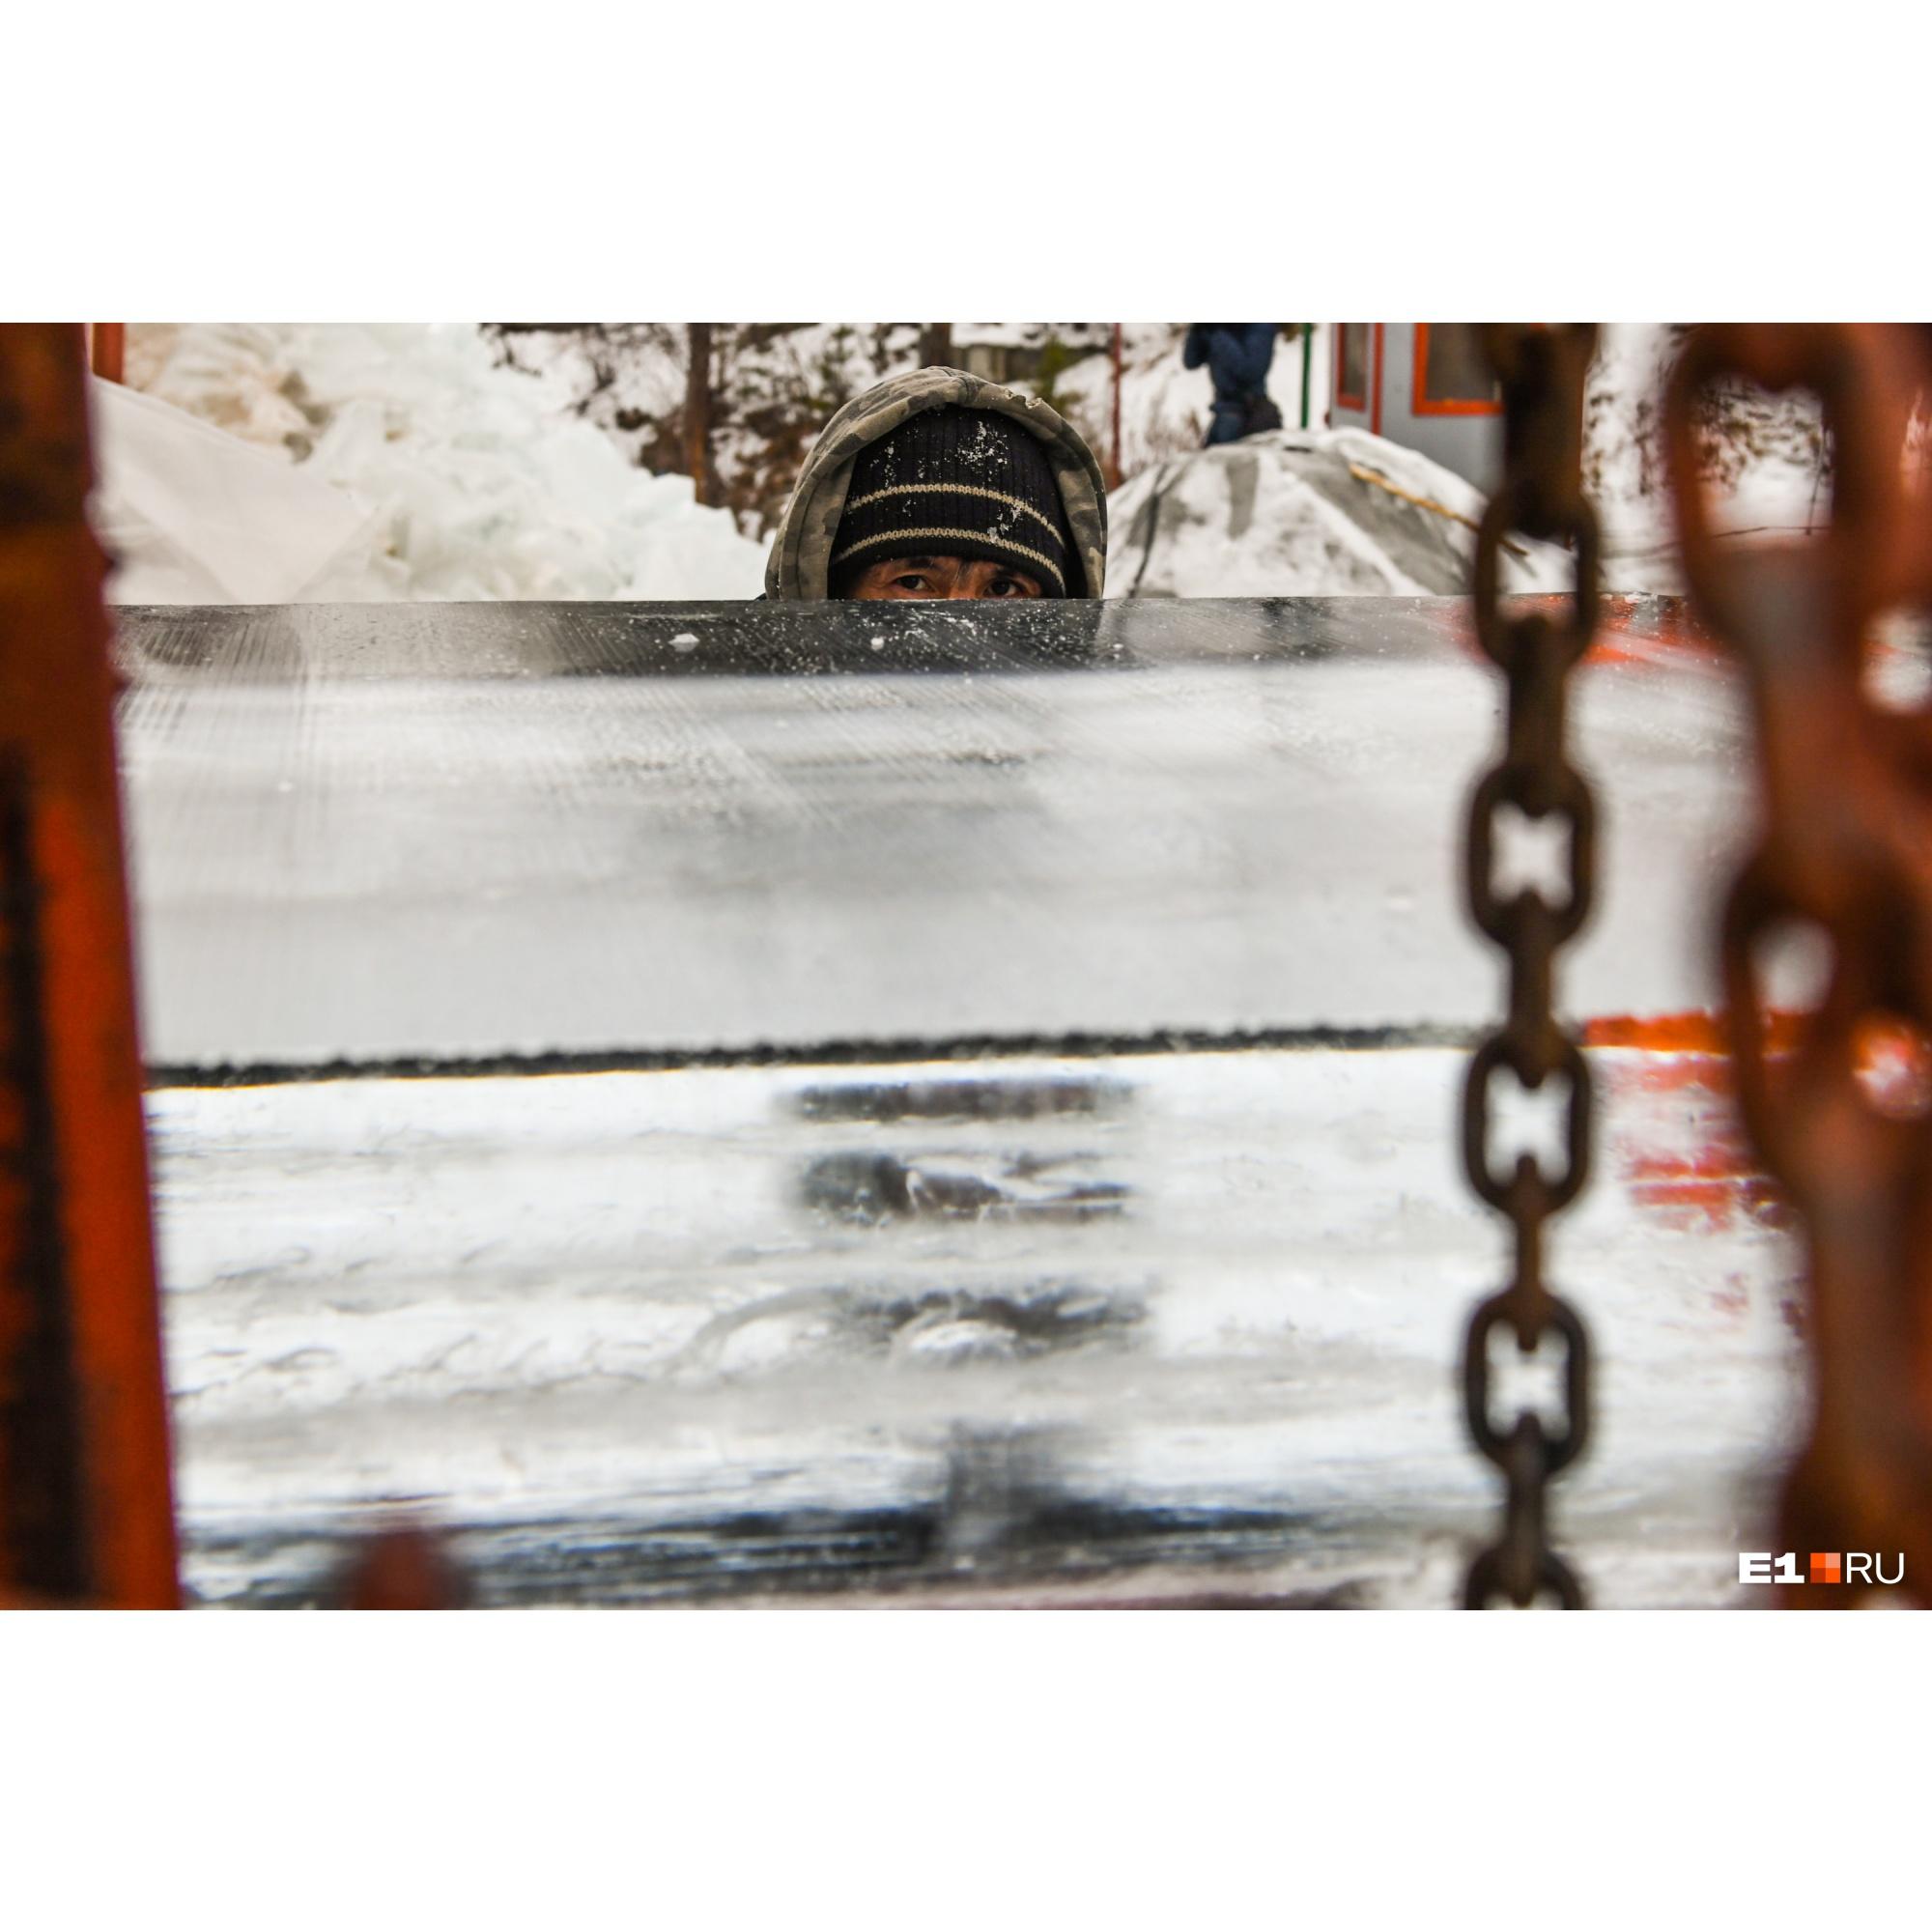 Работать заготовщики льда будут вплоть до 30 декабря